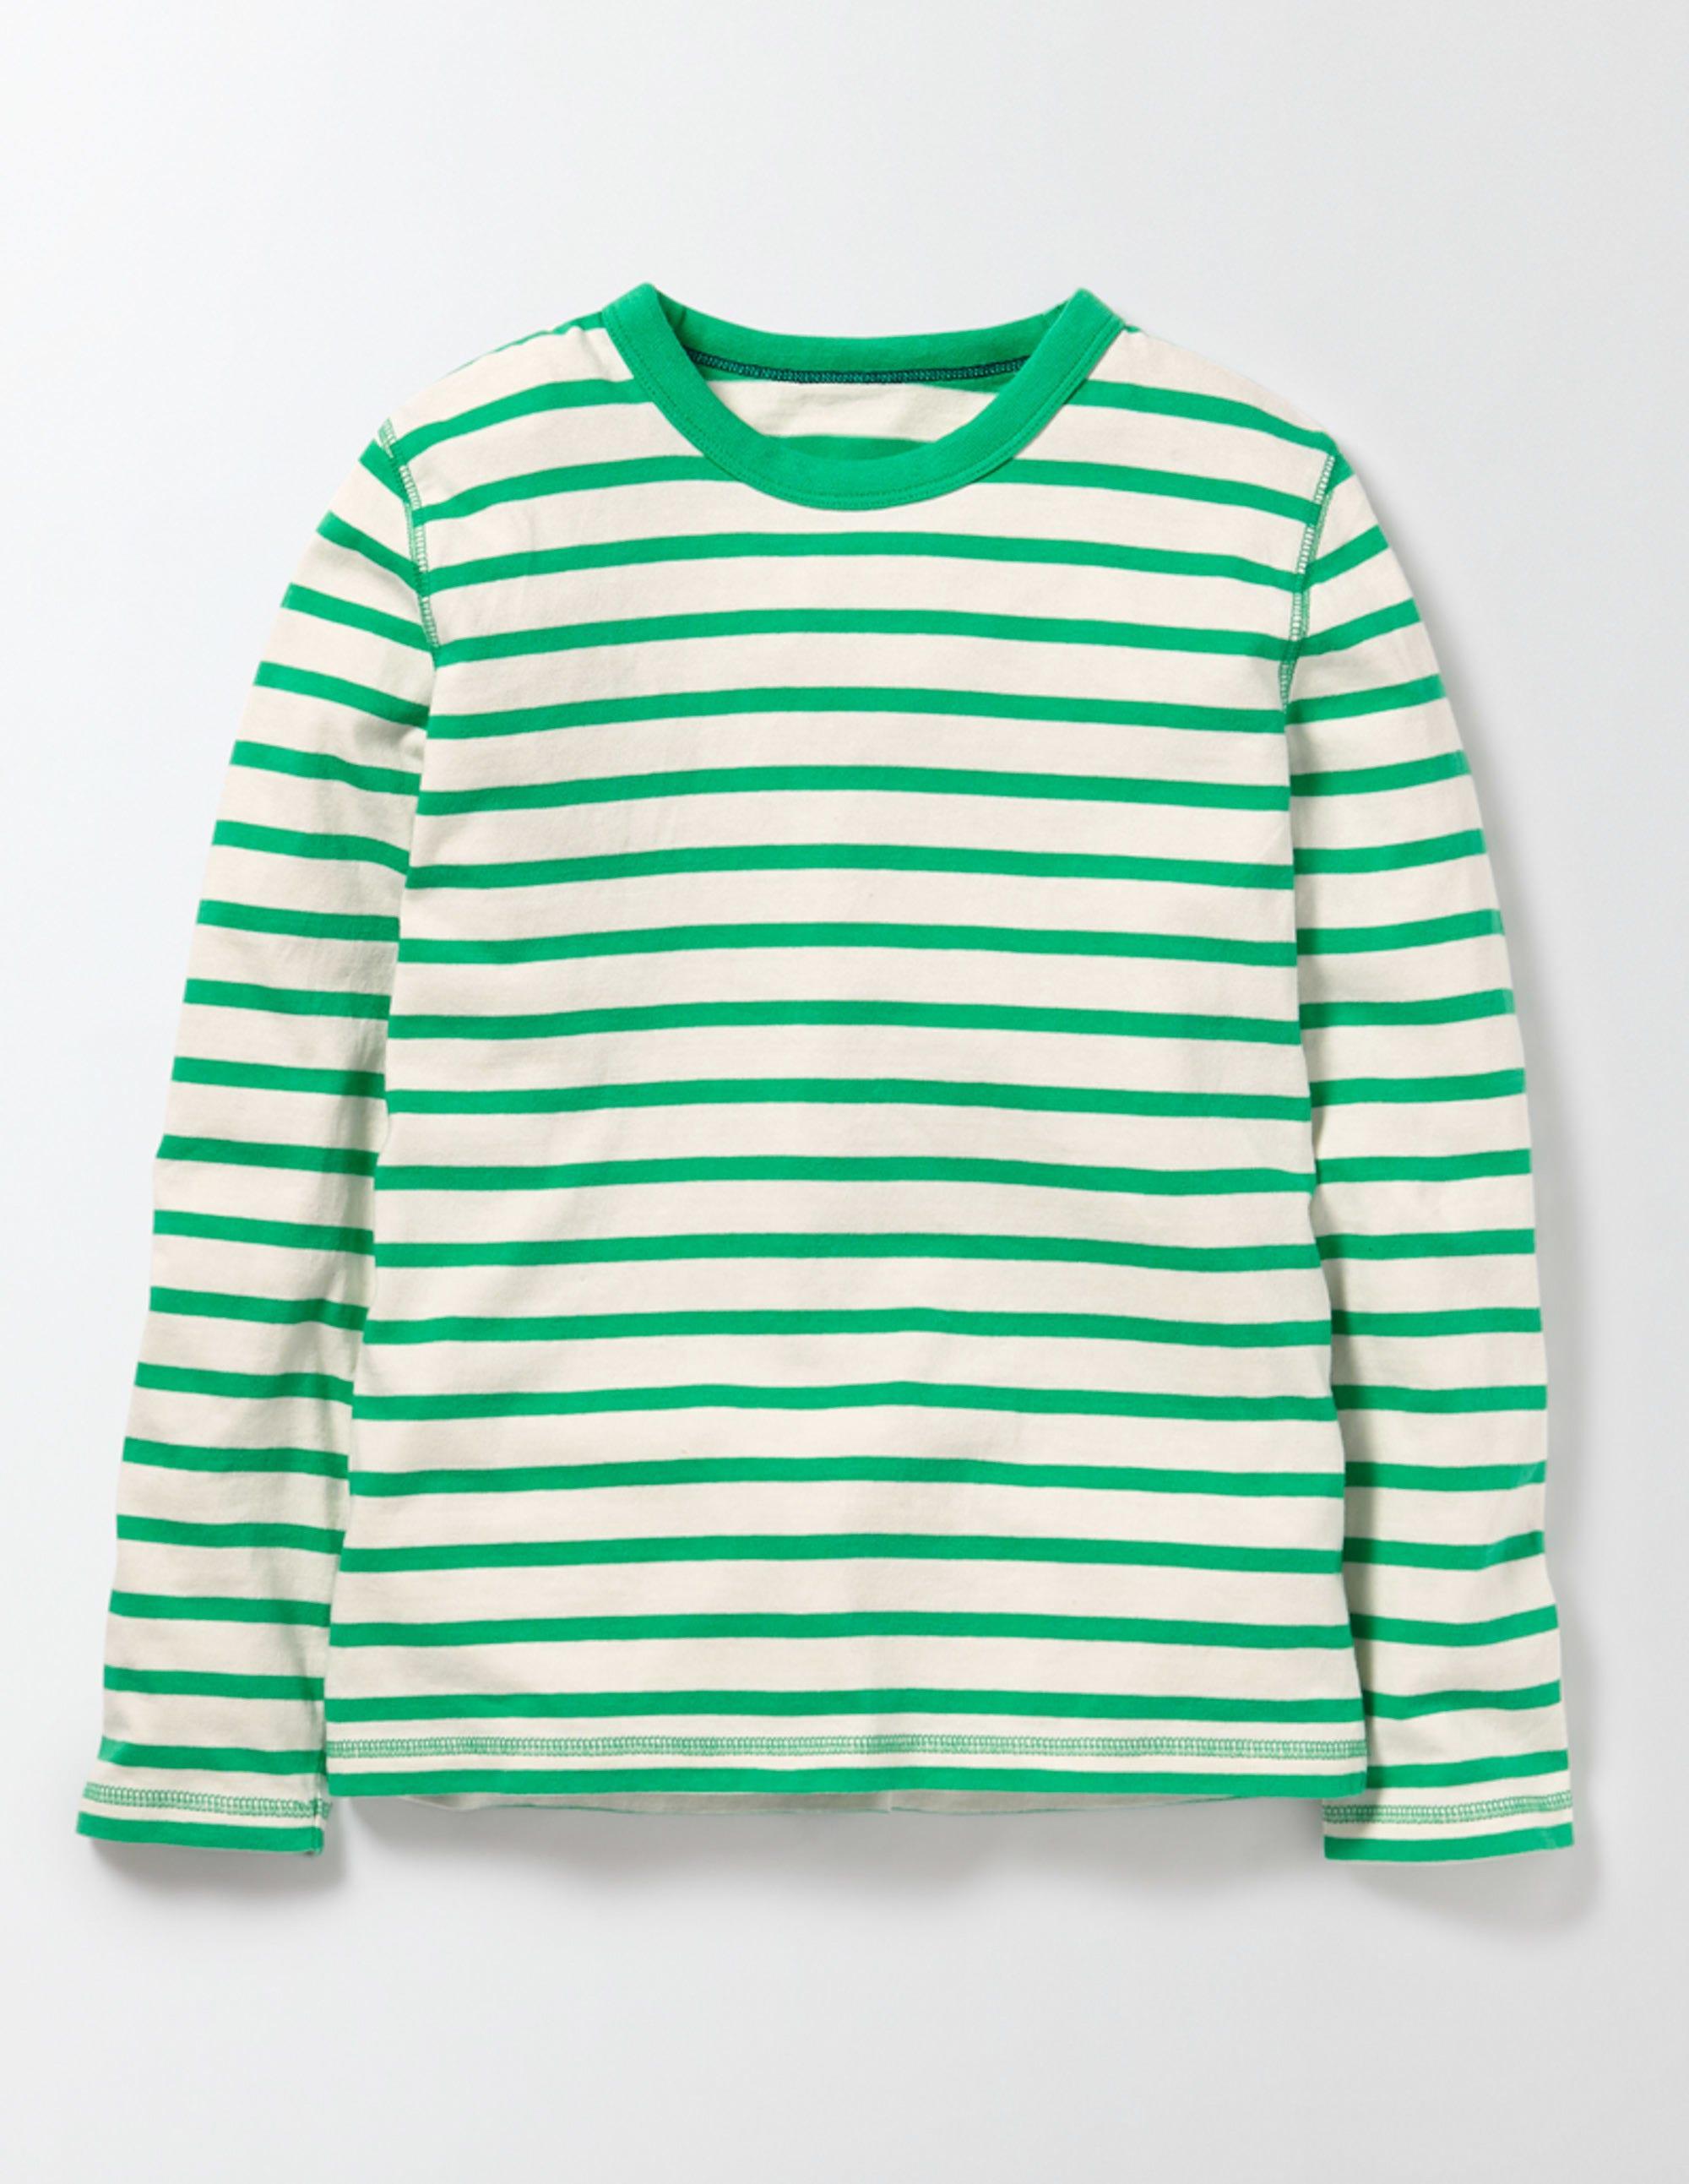 Superweiches T-Shirt Gestreift Jungen Boden